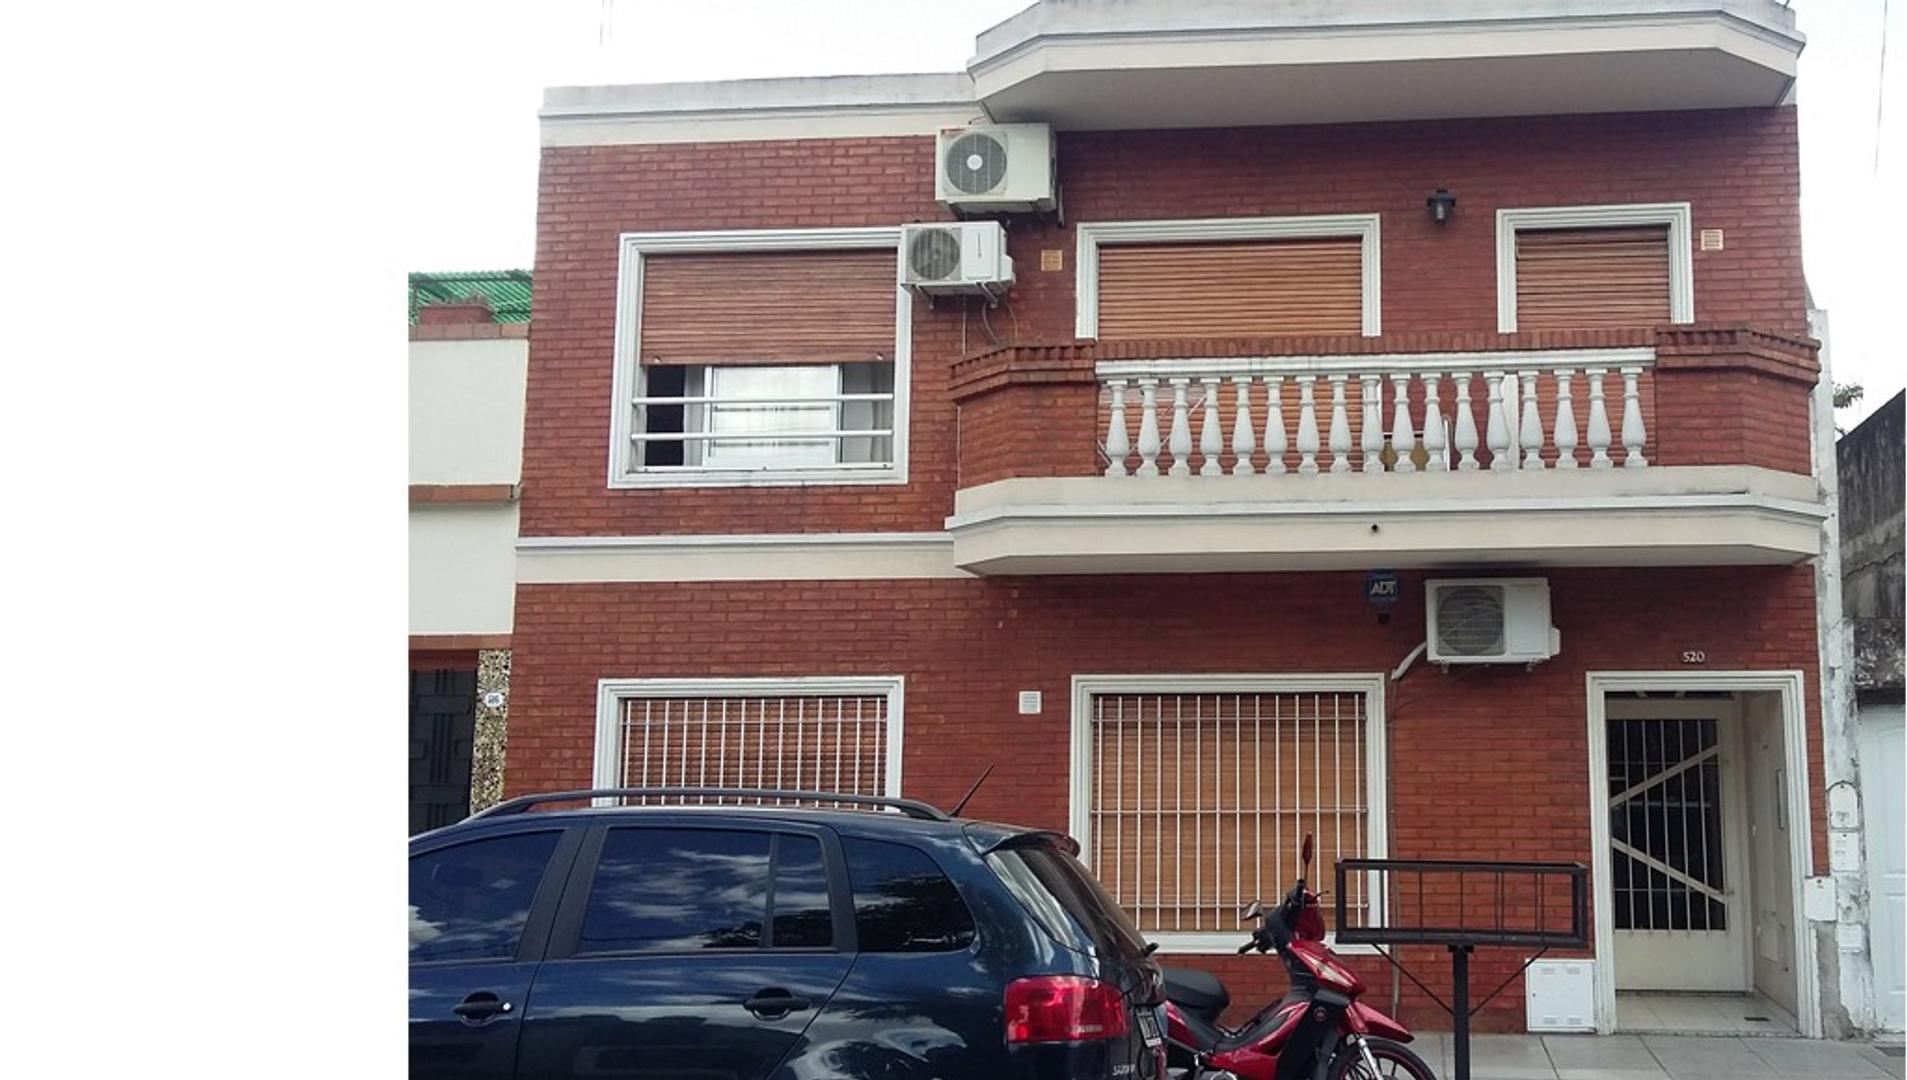 Departamento tipo casa 2 ambientes  1ª piso por escalera